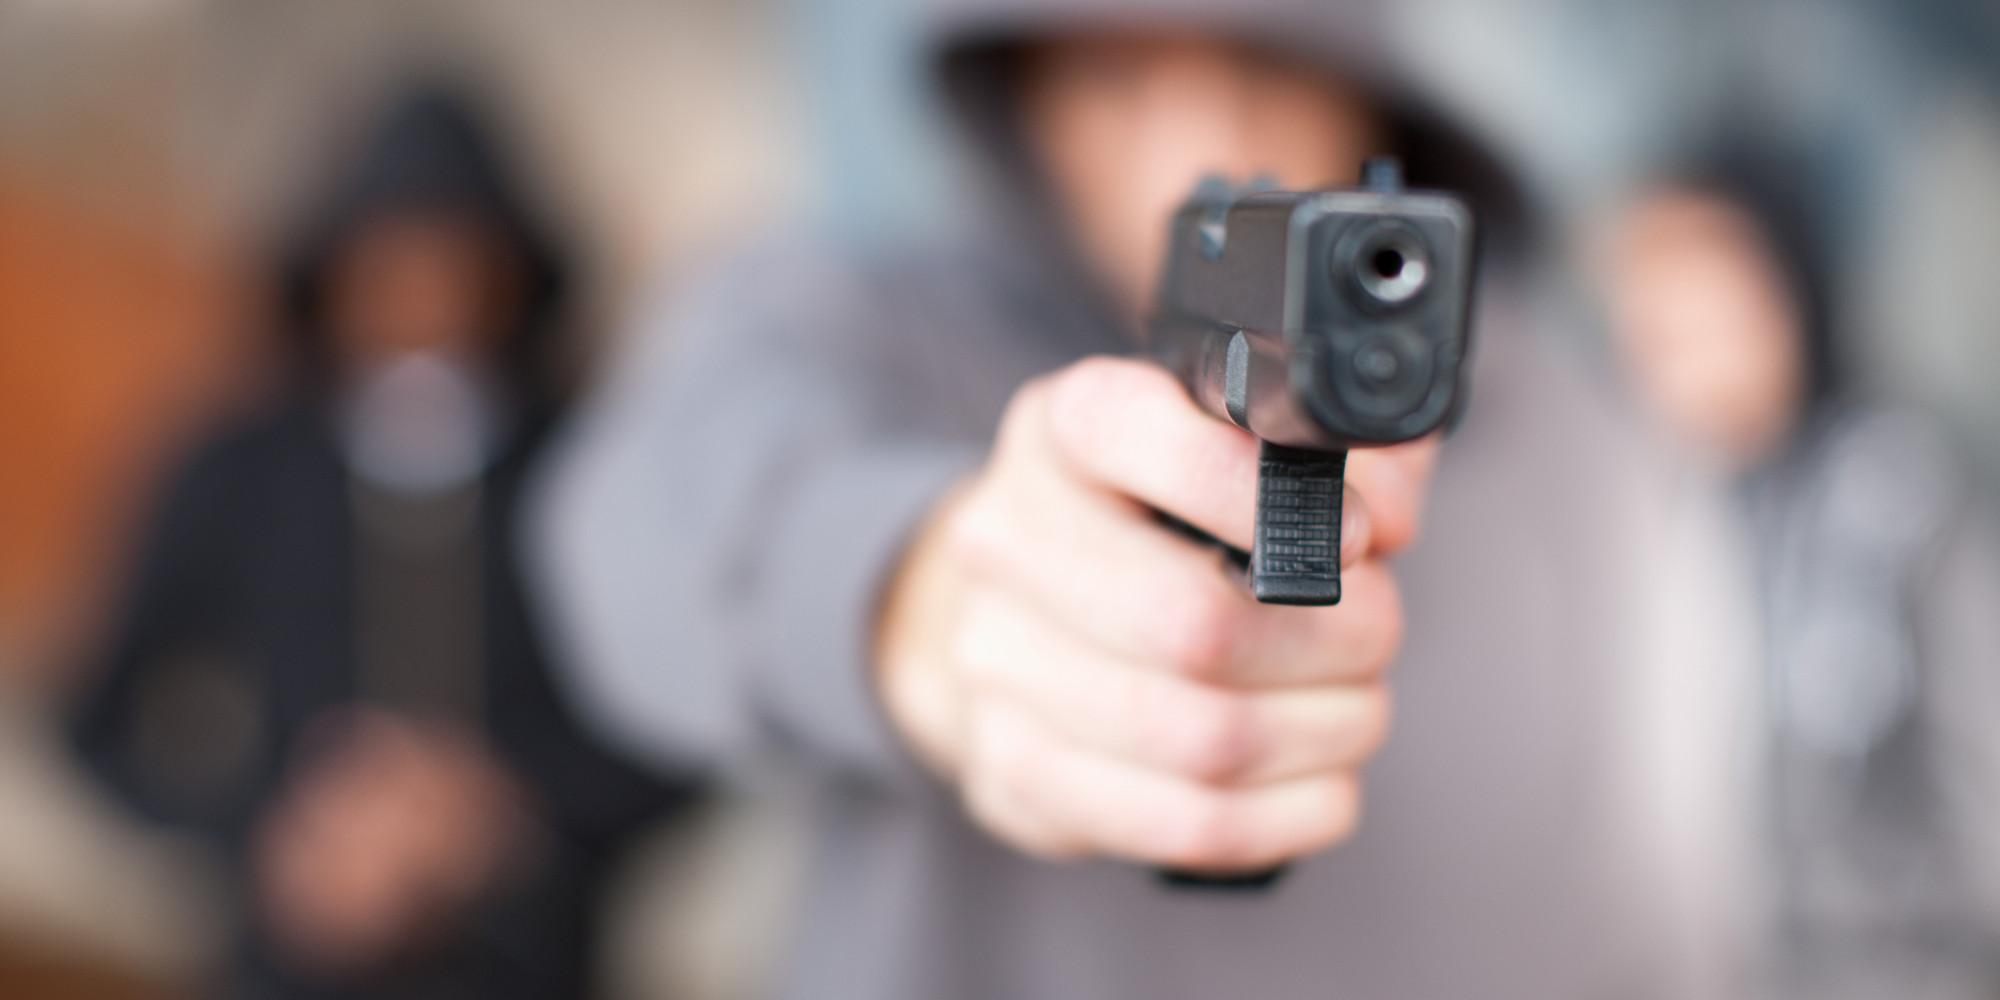 o-GANG-VIOLENCE-facebook.jpg